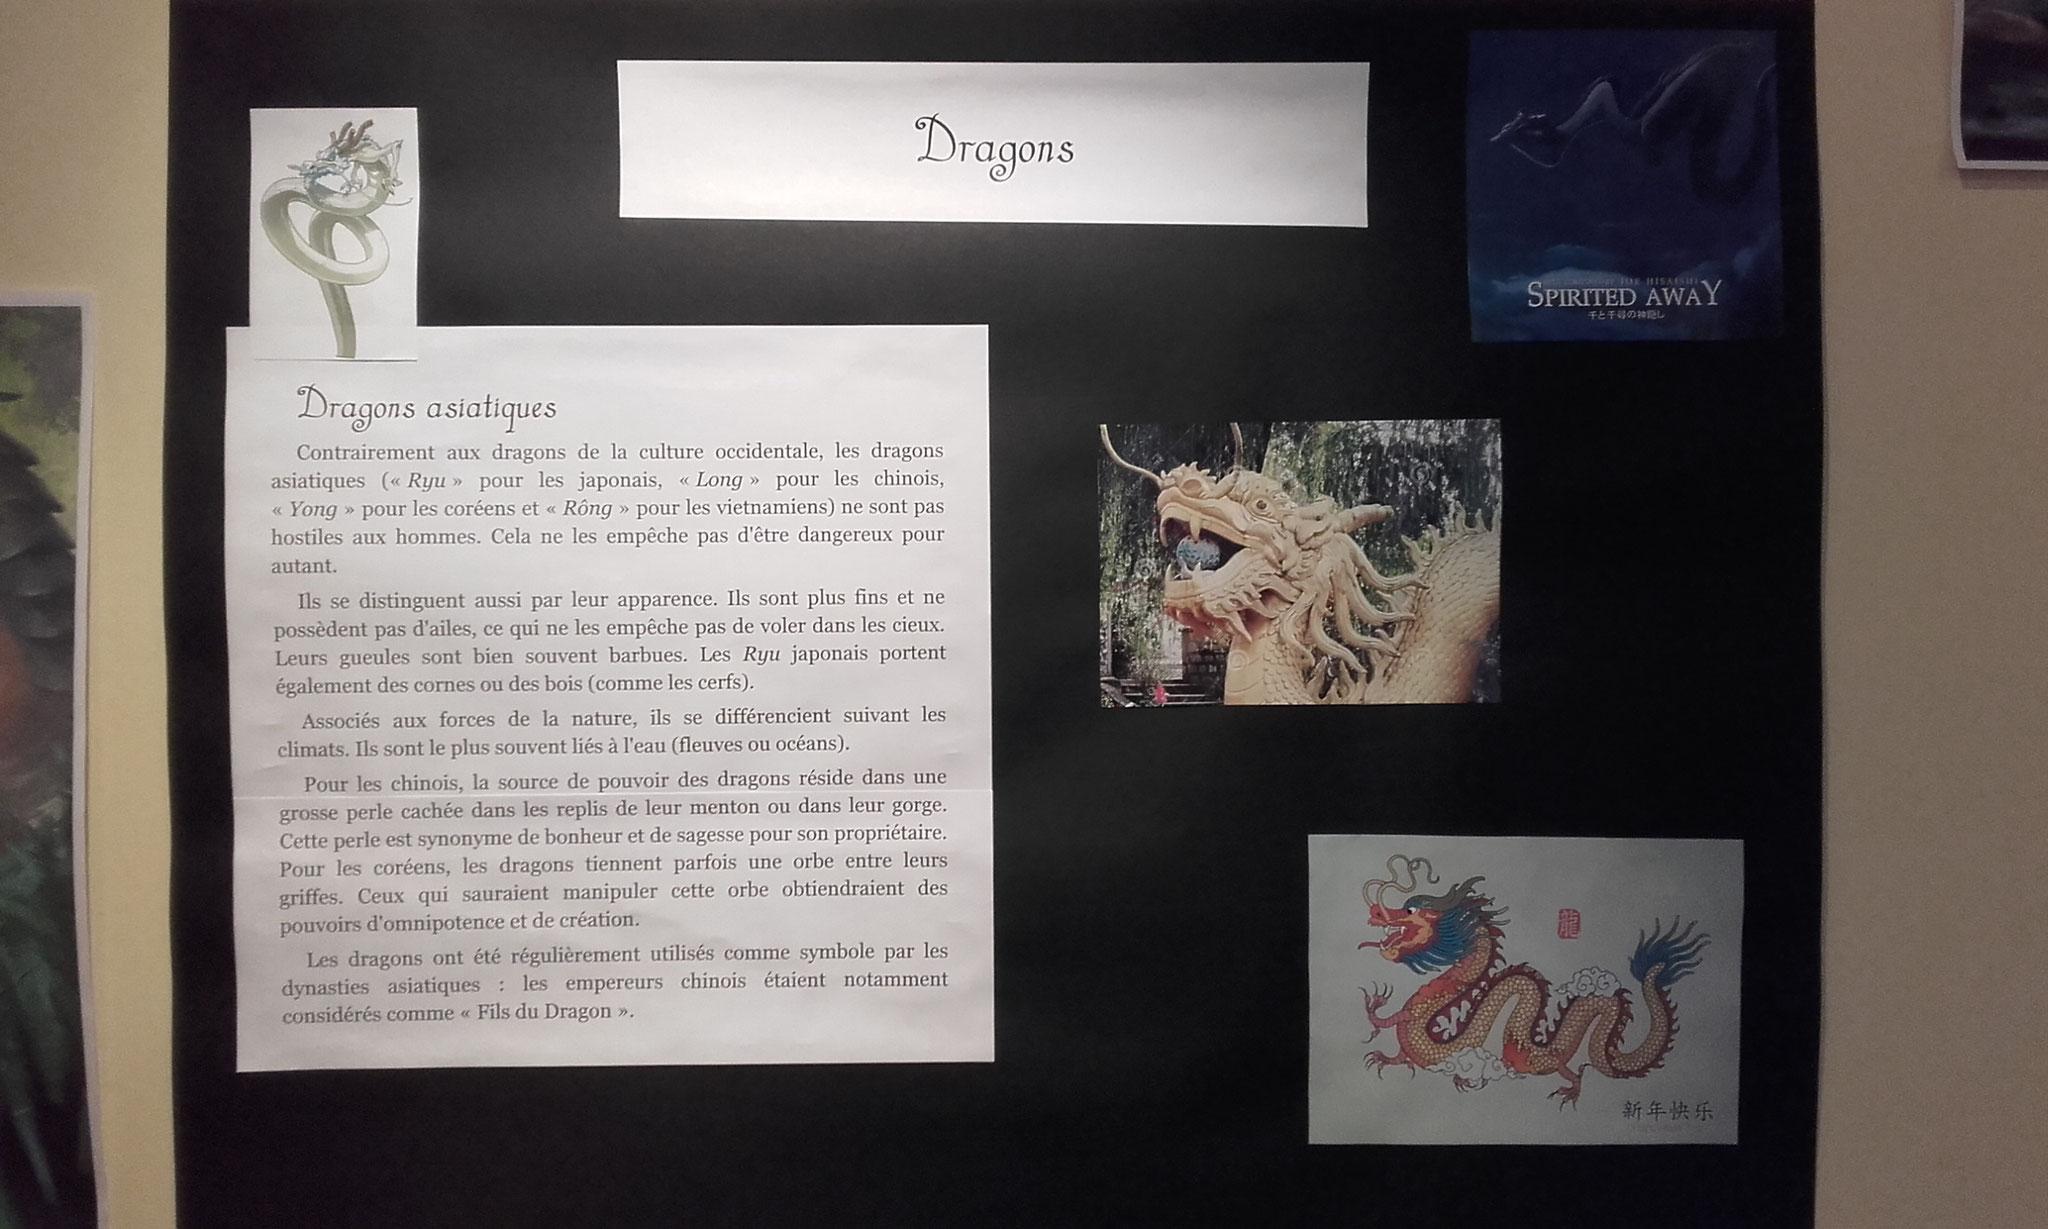 les dragons : dragons asiatiques